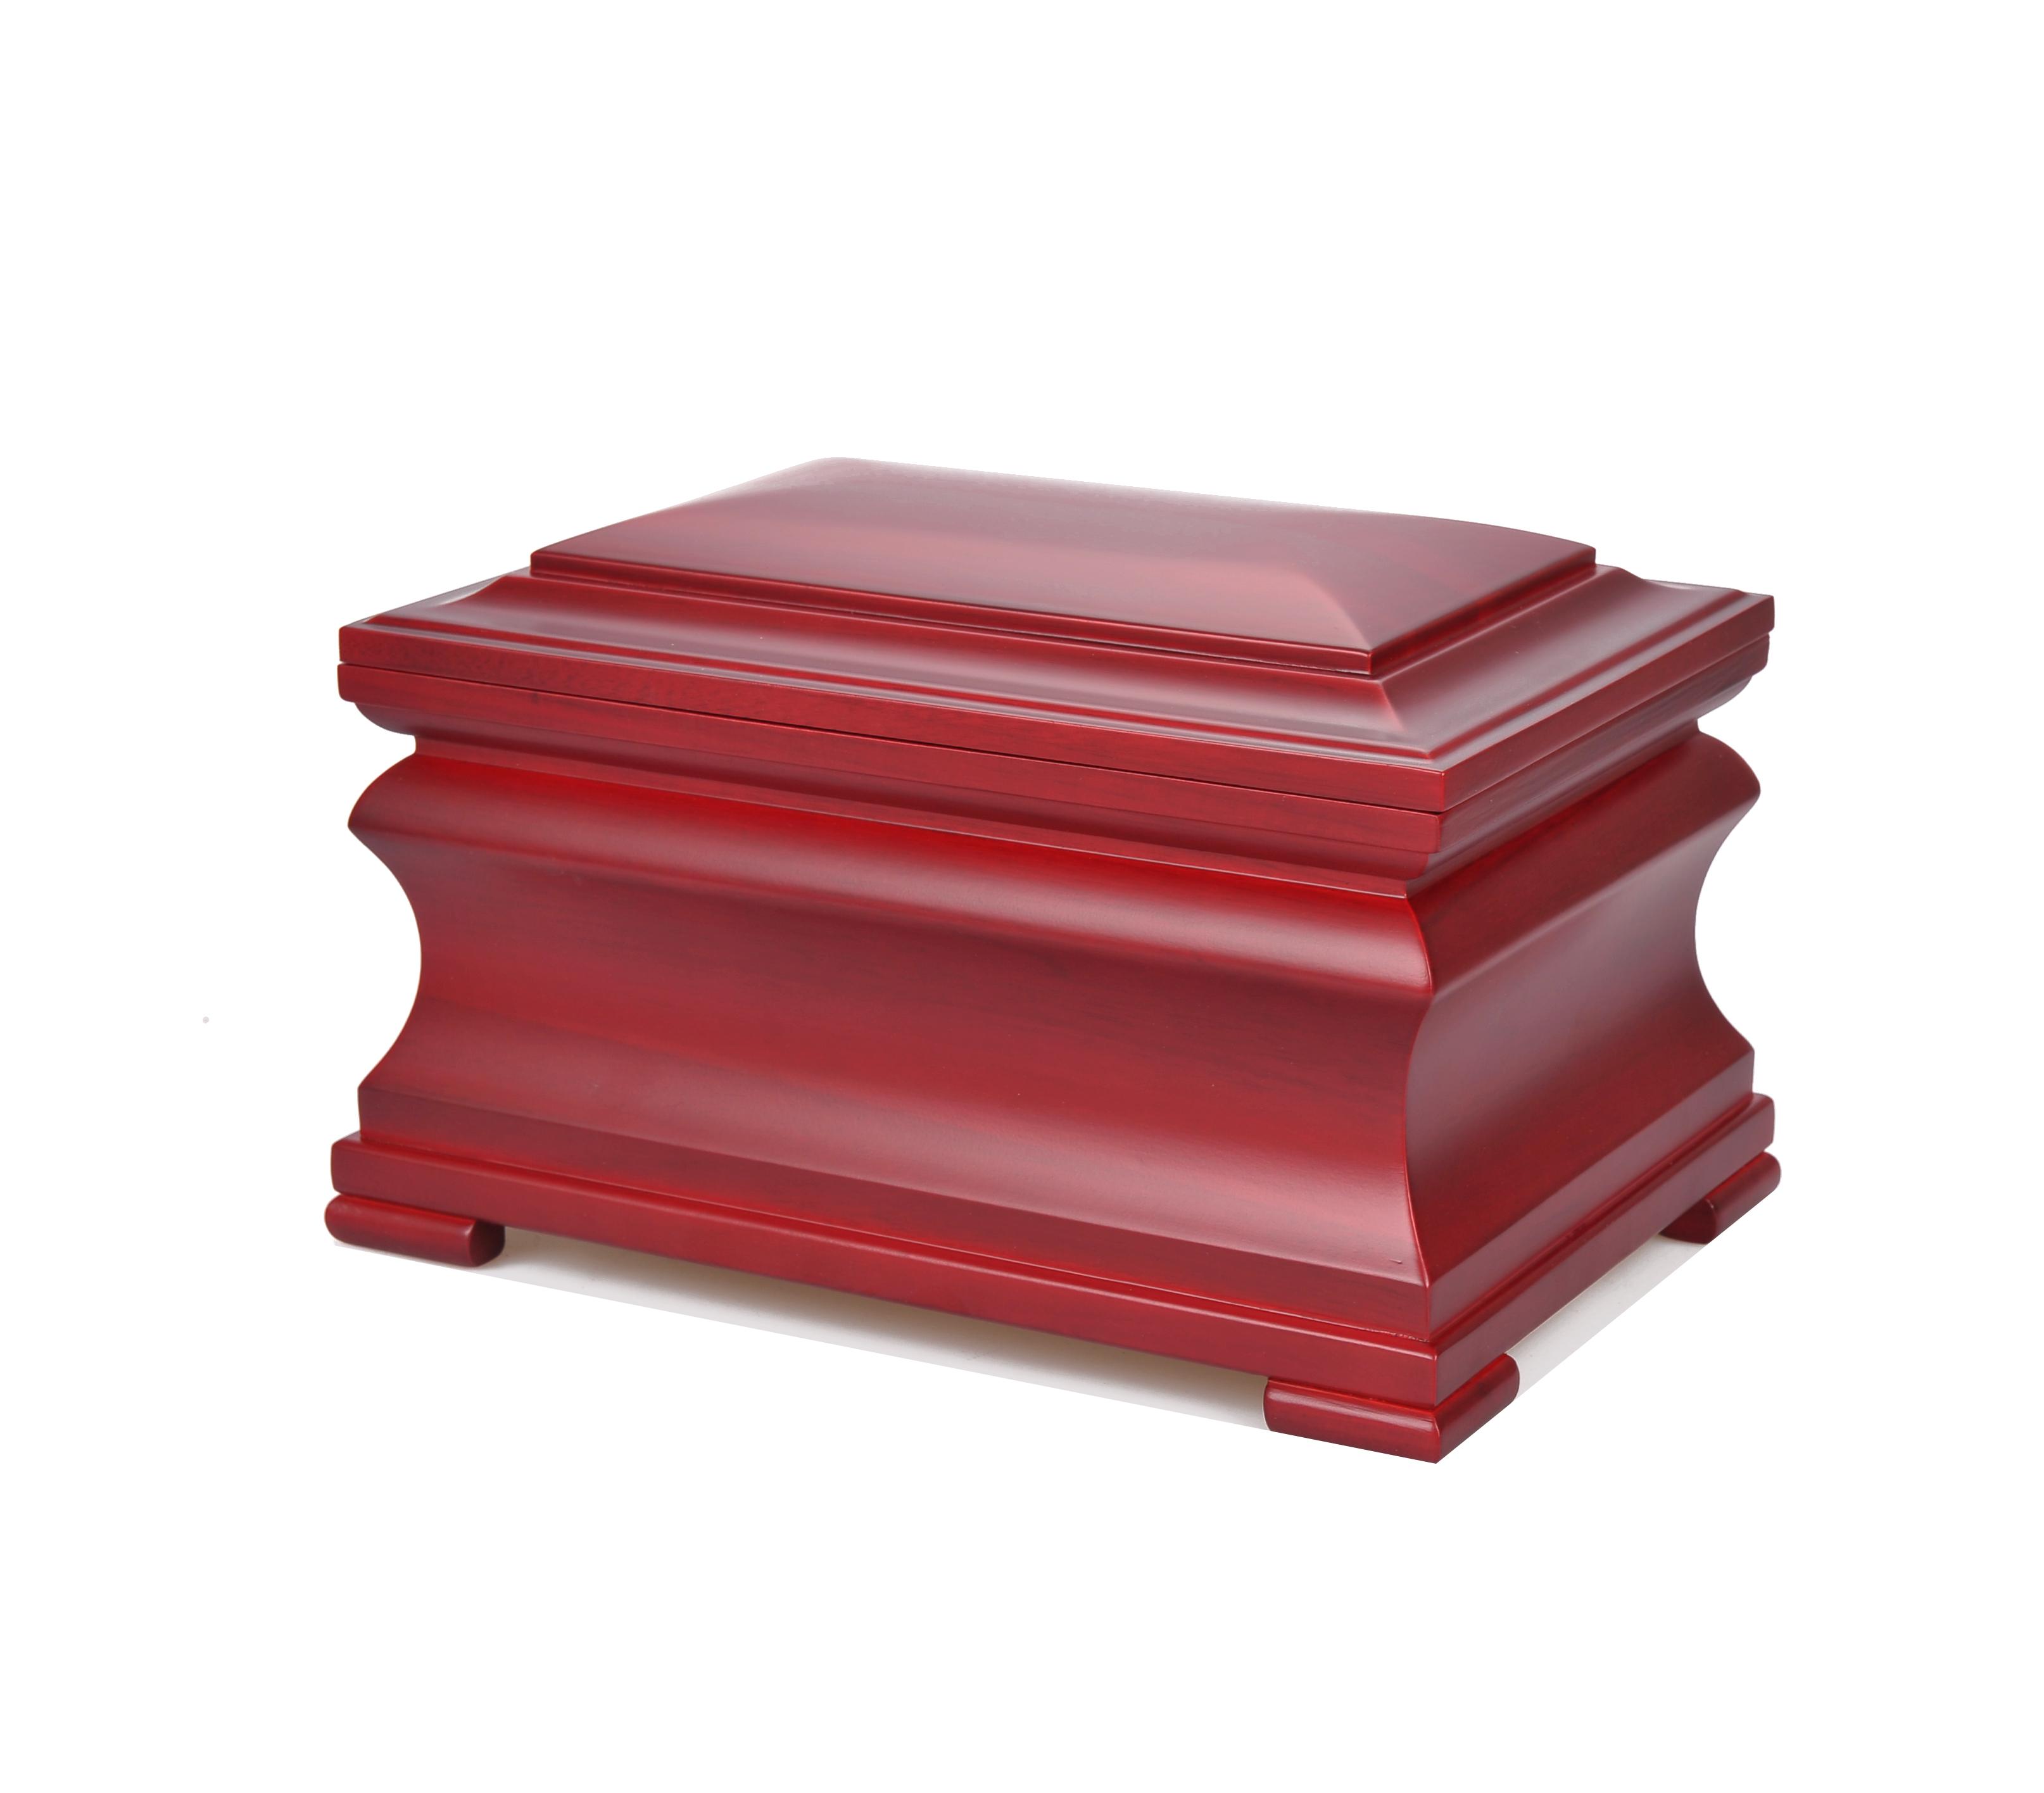 MKYA009 toptan cenaze antik kremasyon urn insan toptan ahşap tabut çekici sevilen insanlar